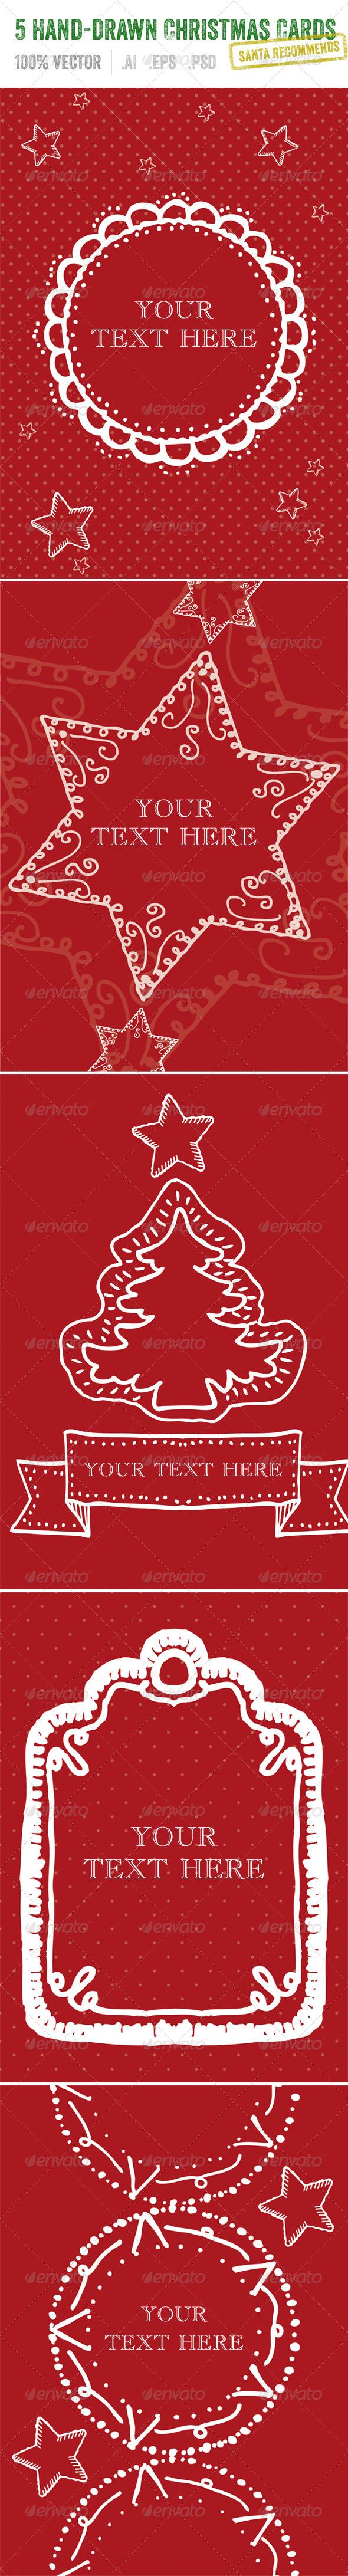 5 Hand-Drawn Christmas Cards - Christmas Seasons/Holidays